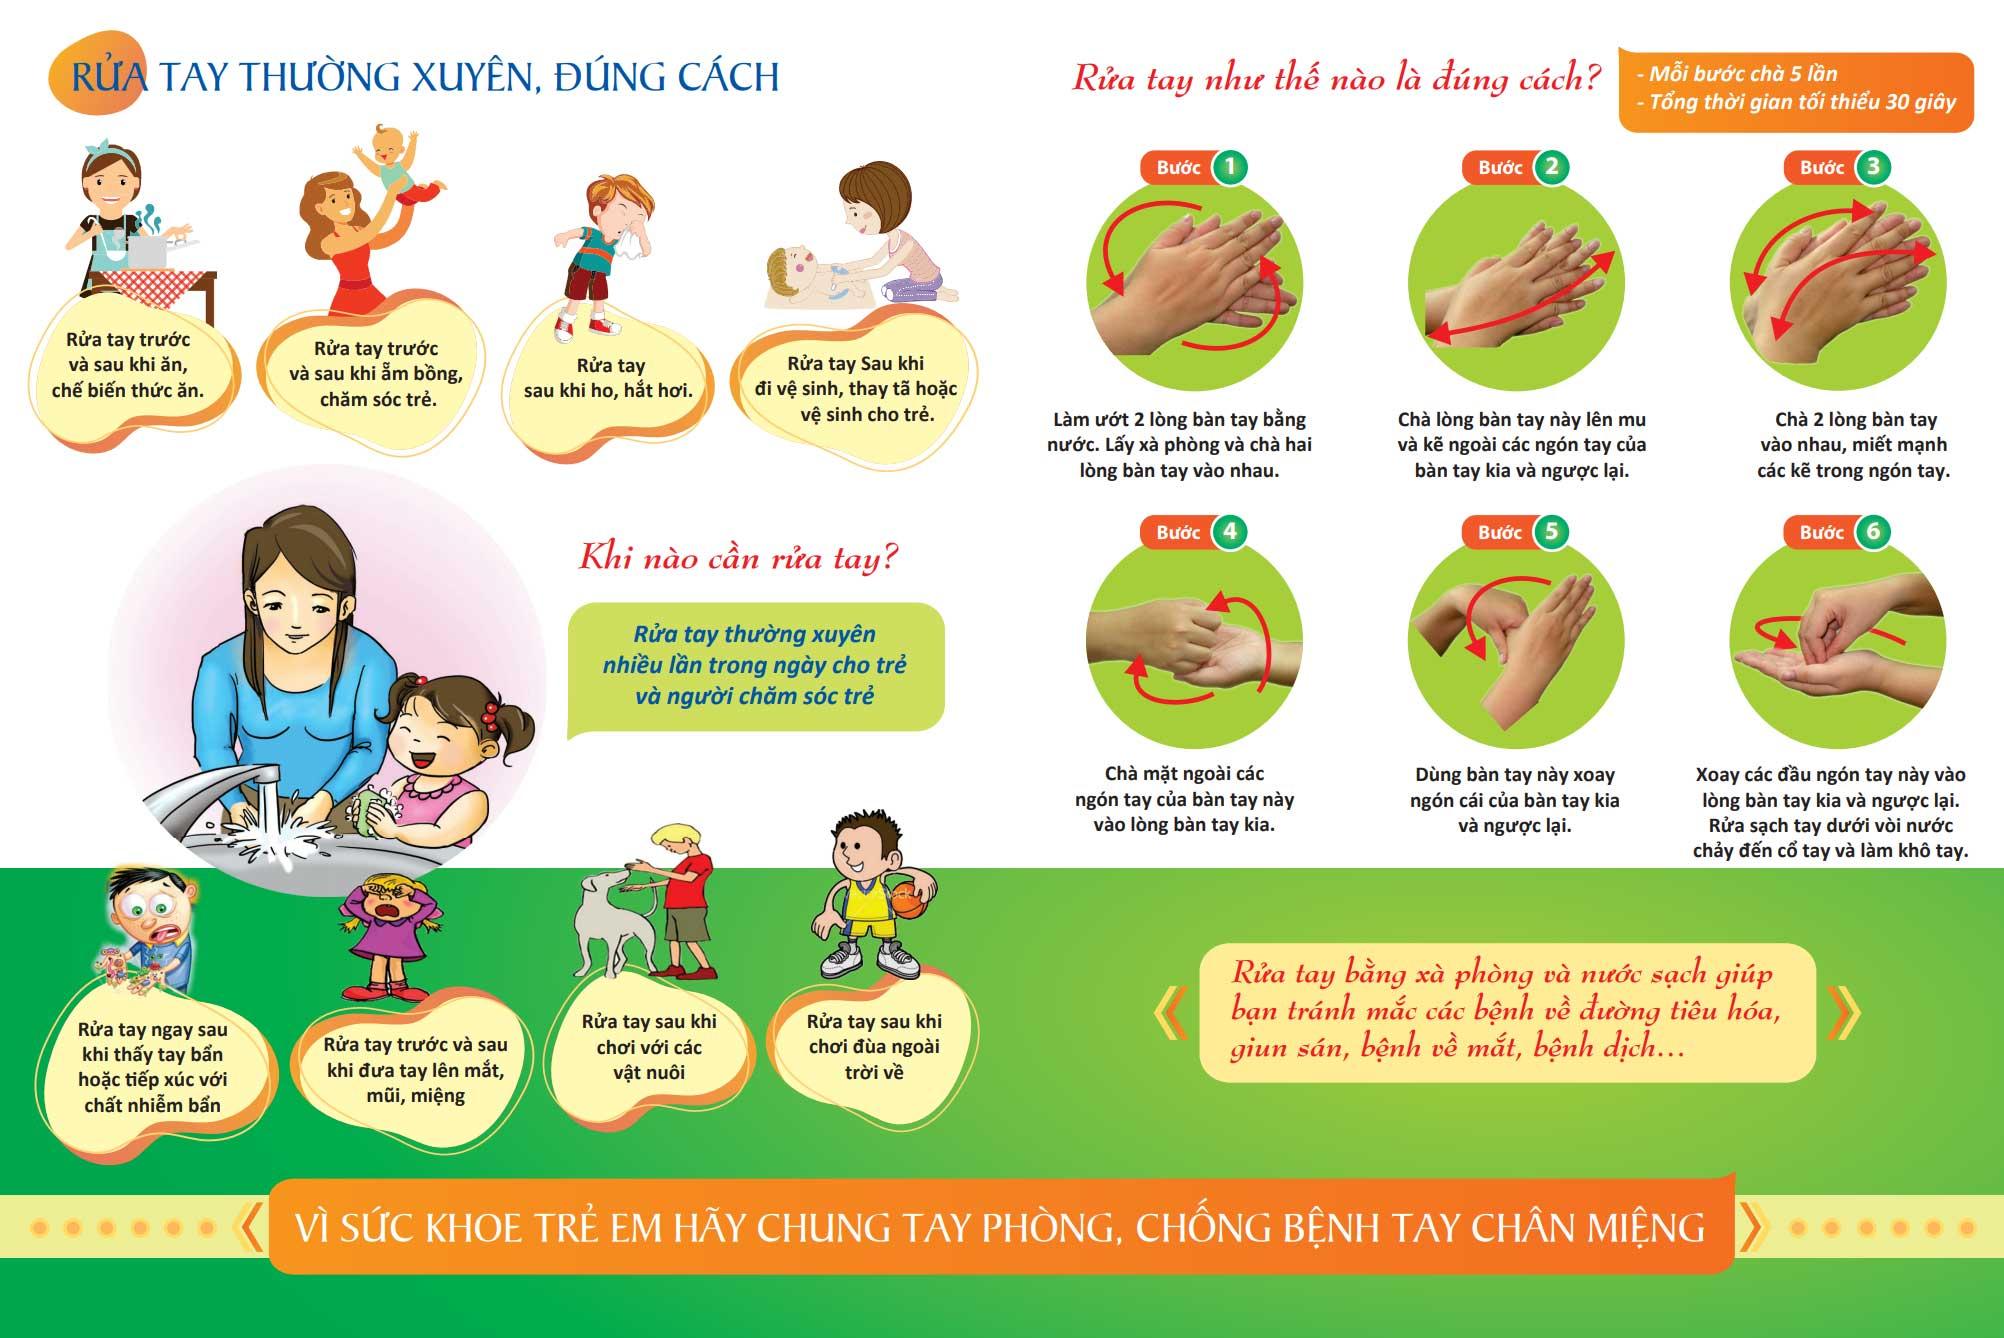 Chủ động phòng bệnh tay chân miệng - Taimuihongsg.com